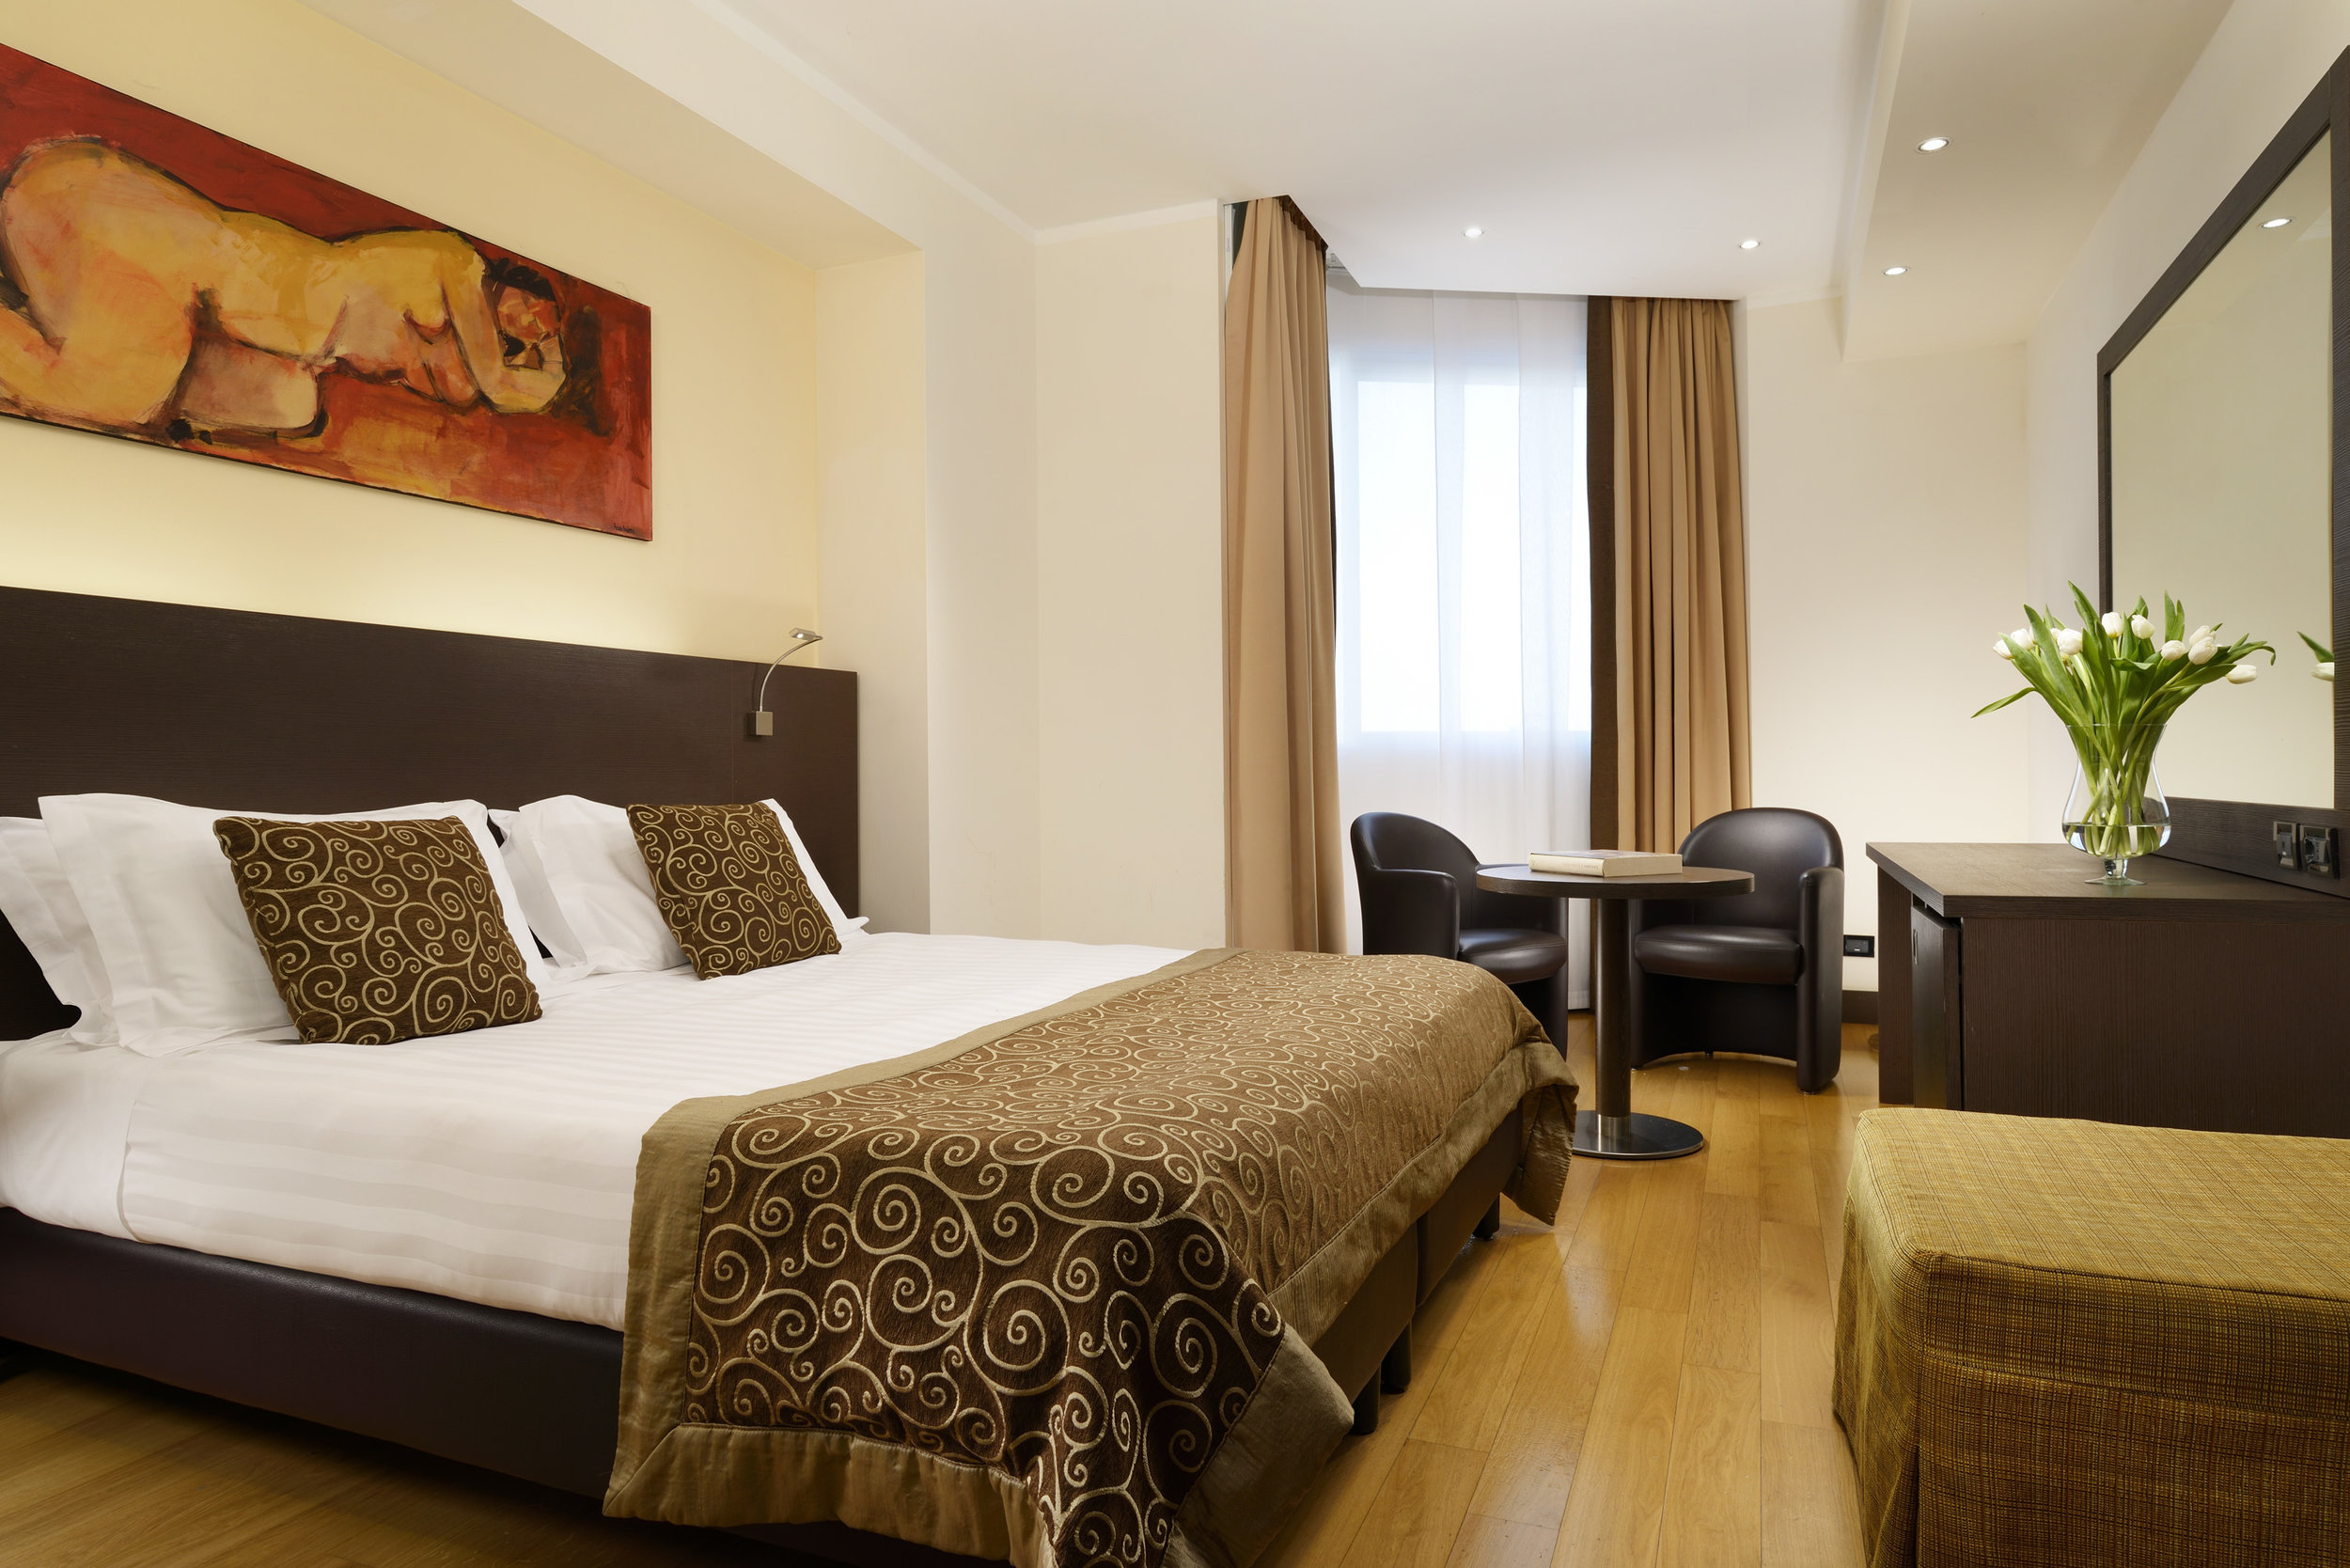 AGA Room C2T Gransonno 206.jpg